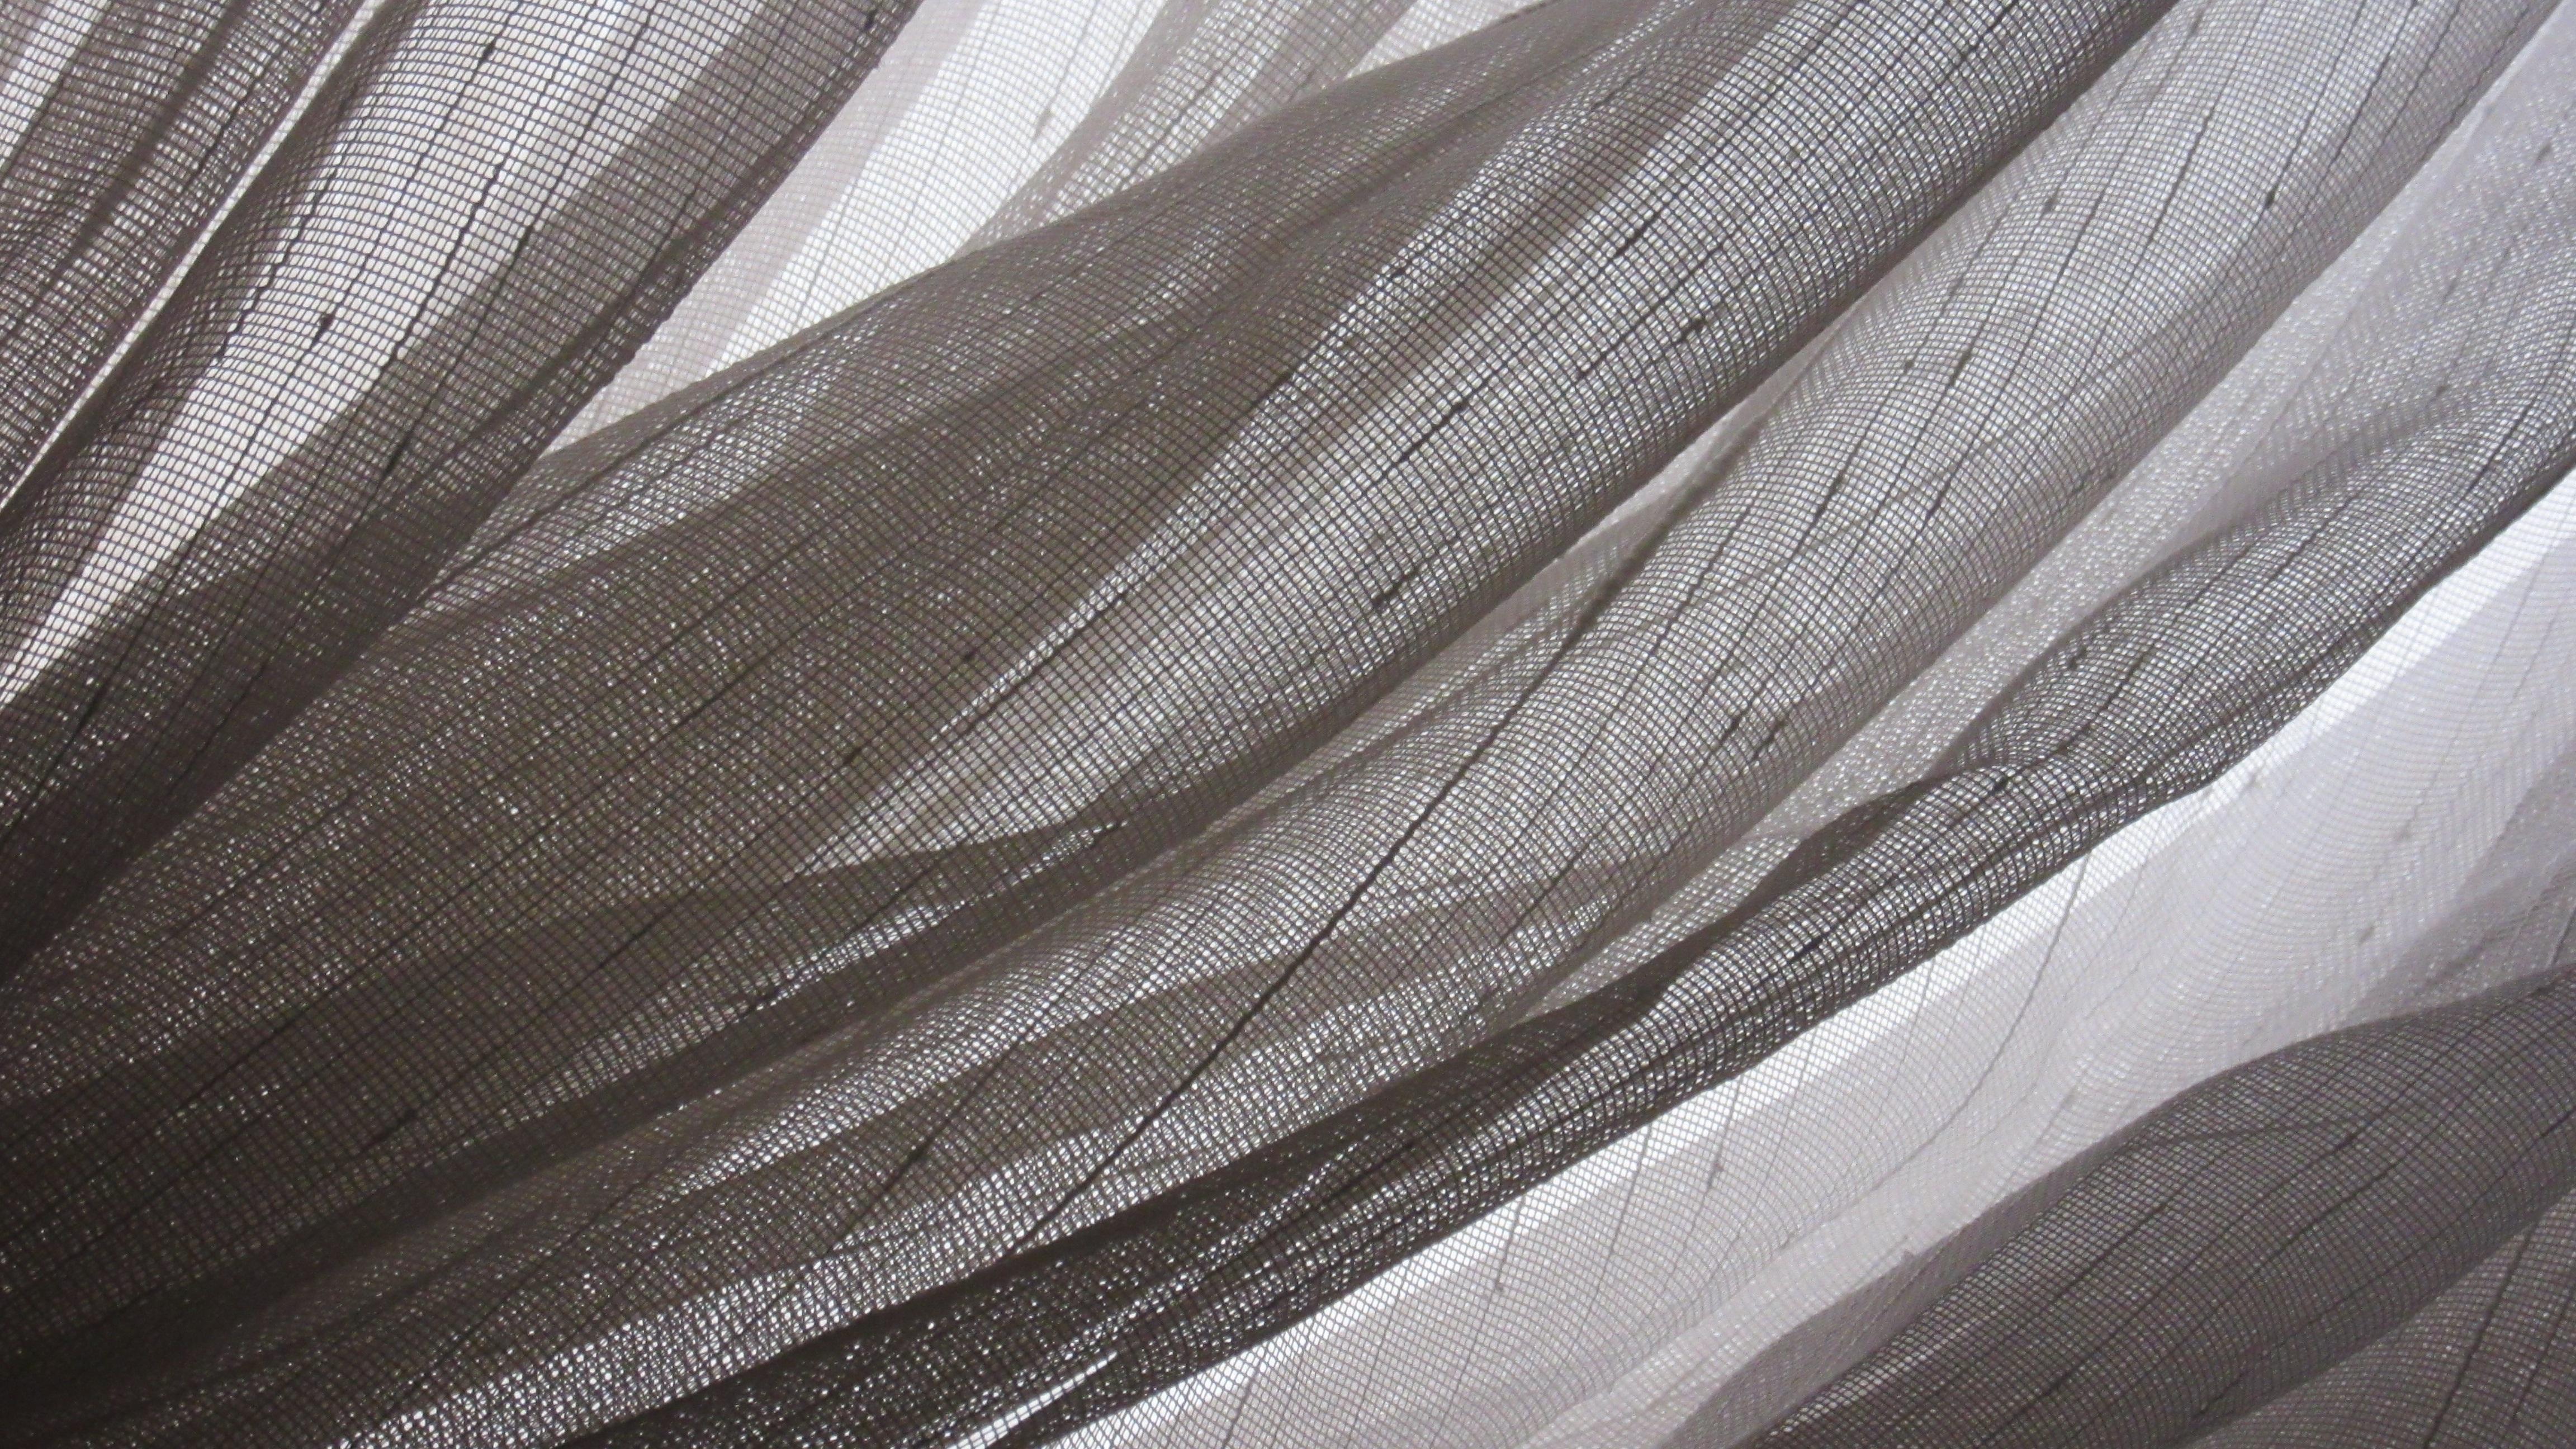 Ultramoderne Gratis billeder : vinge, struktur, træ, hvid, etage, vindue, væg OR-91